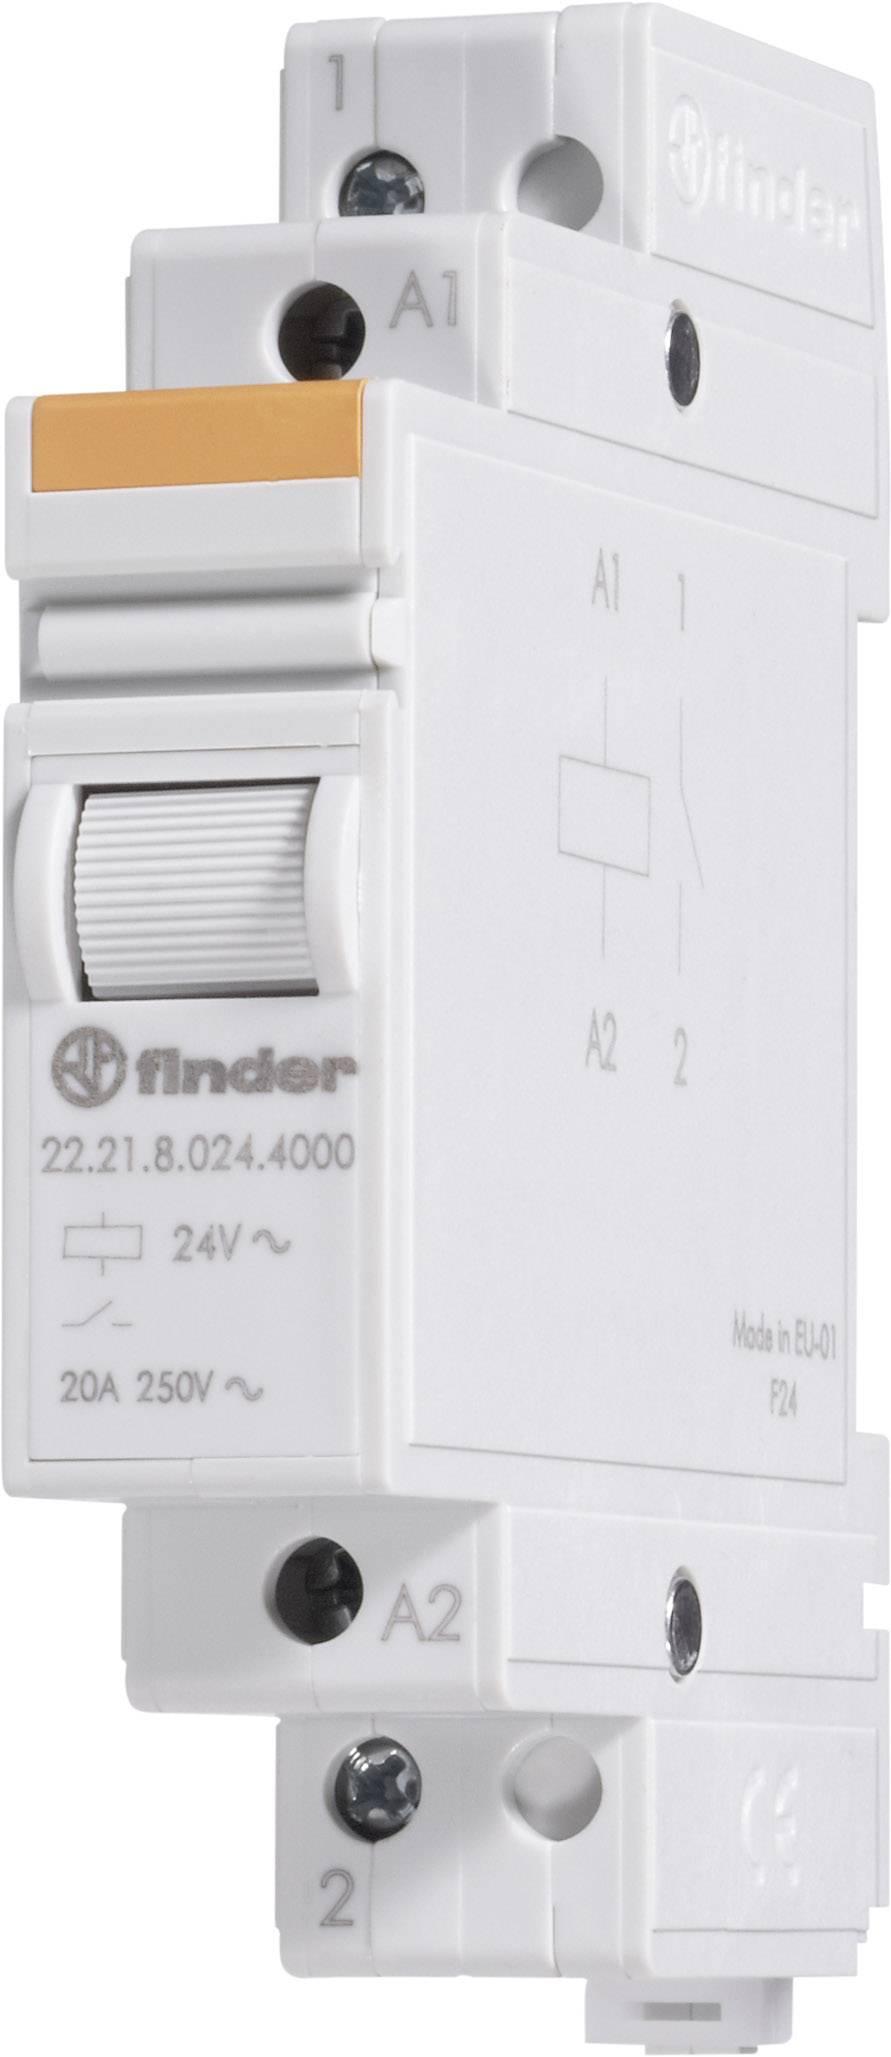 230 V//AC Schaltstrom Finder 22.23.8.230.4000 Industrierelais 1 St Nennspannung